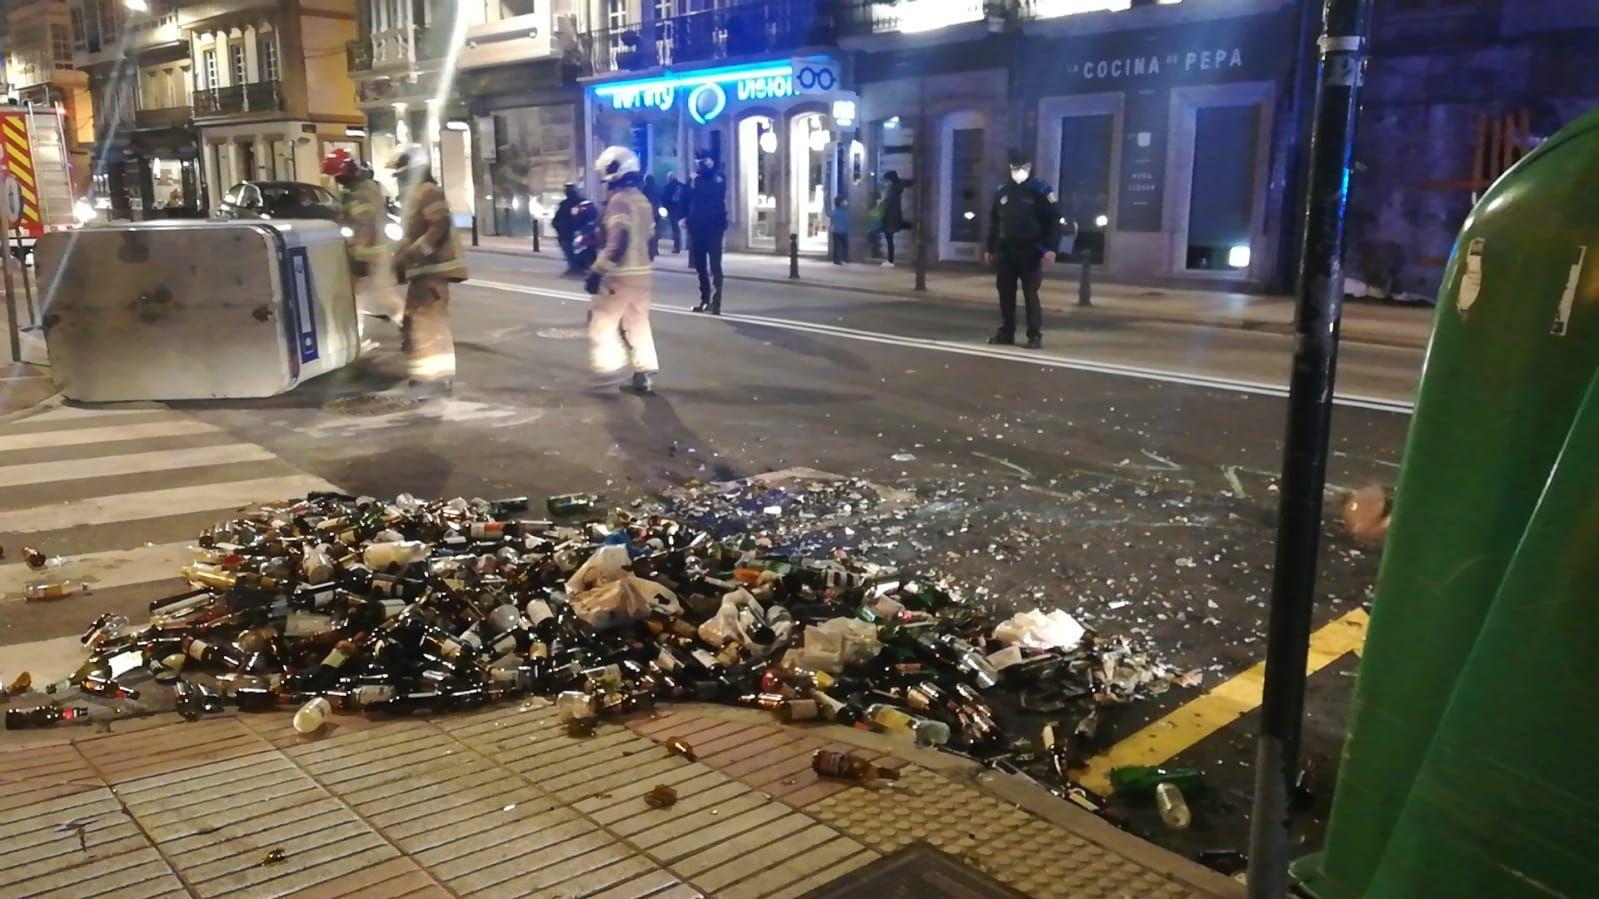 Destrozo de contenedores en el centro de A Coruña en una marcha contra el encarcelamiento de Pablo Hasél